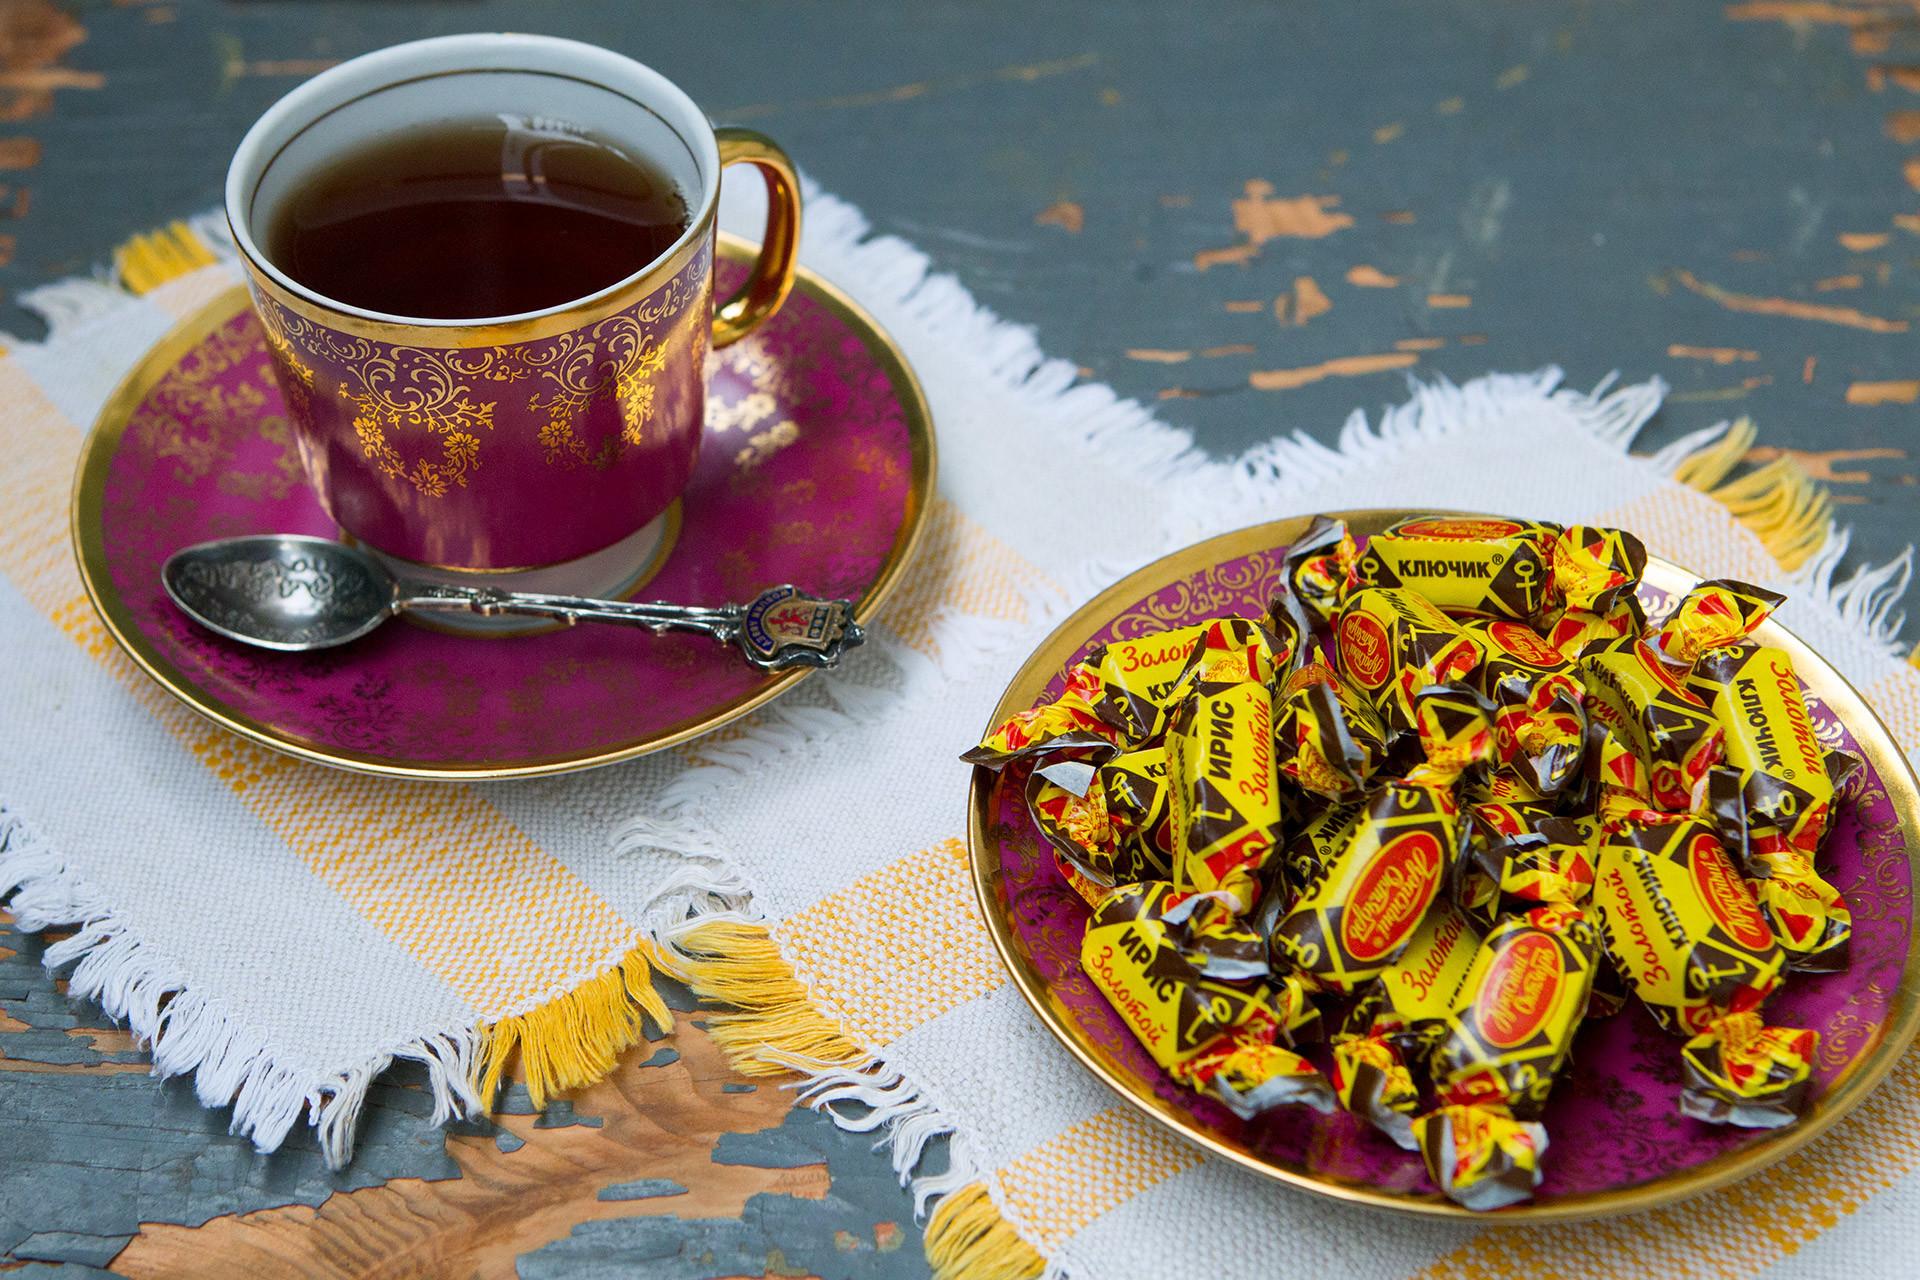 URSS tinha duas marcas de caramelos, favoritos absolutos das crianças de então pelo custo-benefício.